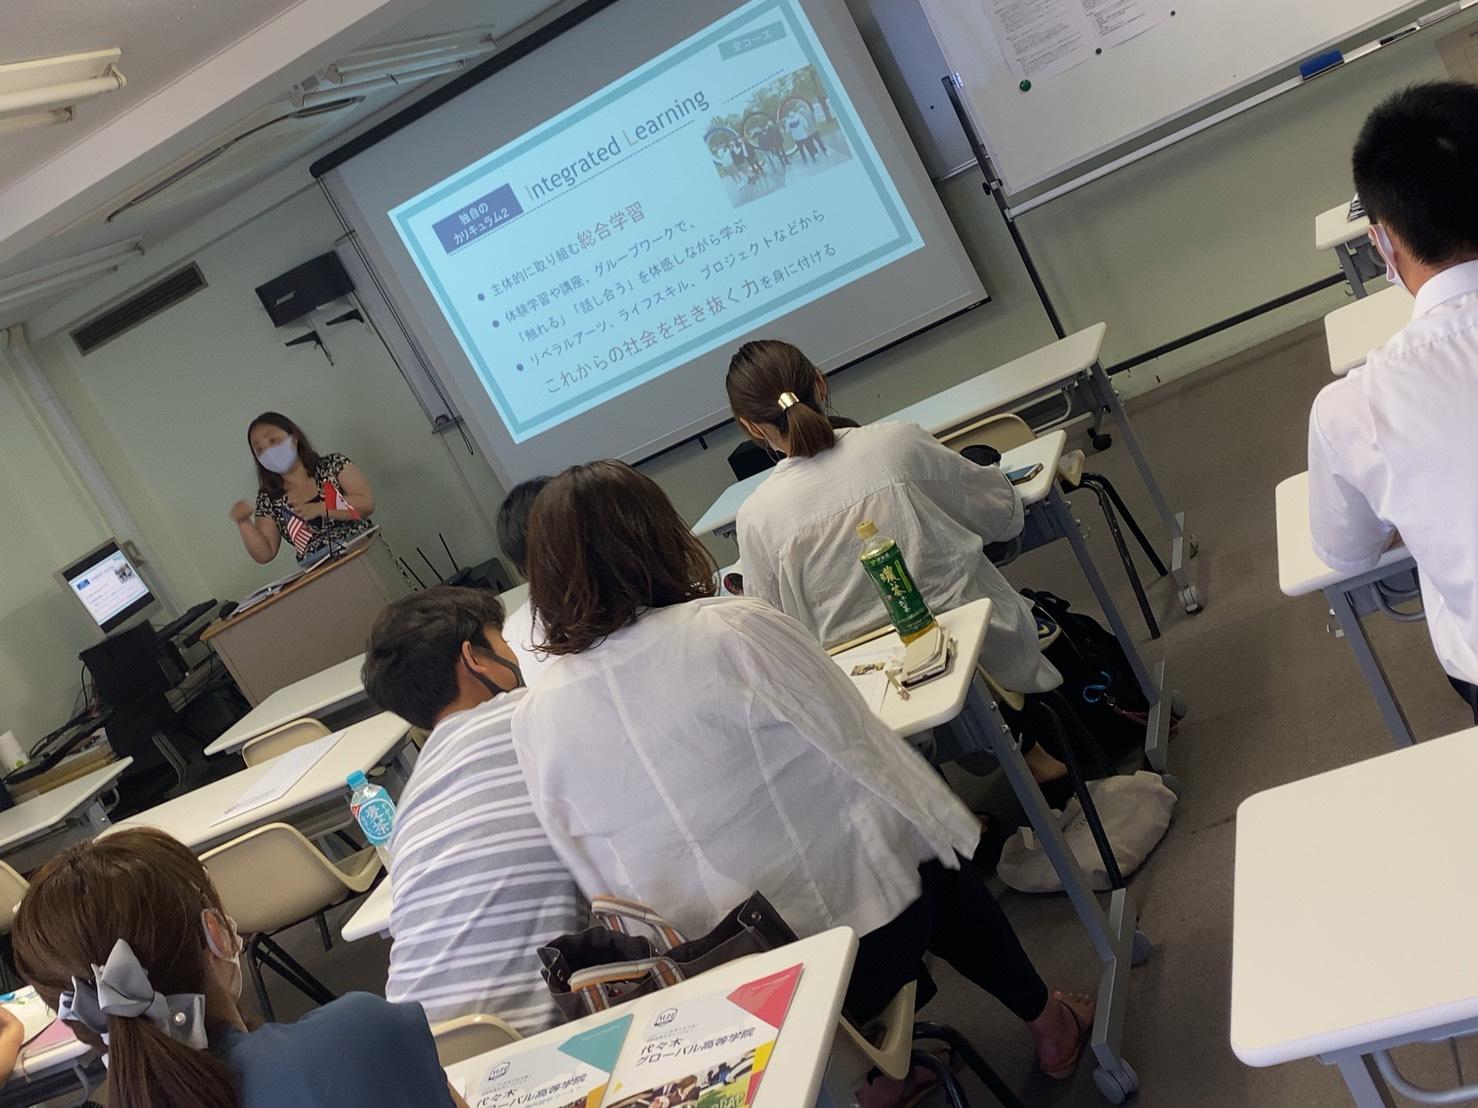 【オープンキャンパス】7月24日 2回目の東京校オープンキャンパス! | 代々木グローバル高等学院[公式]